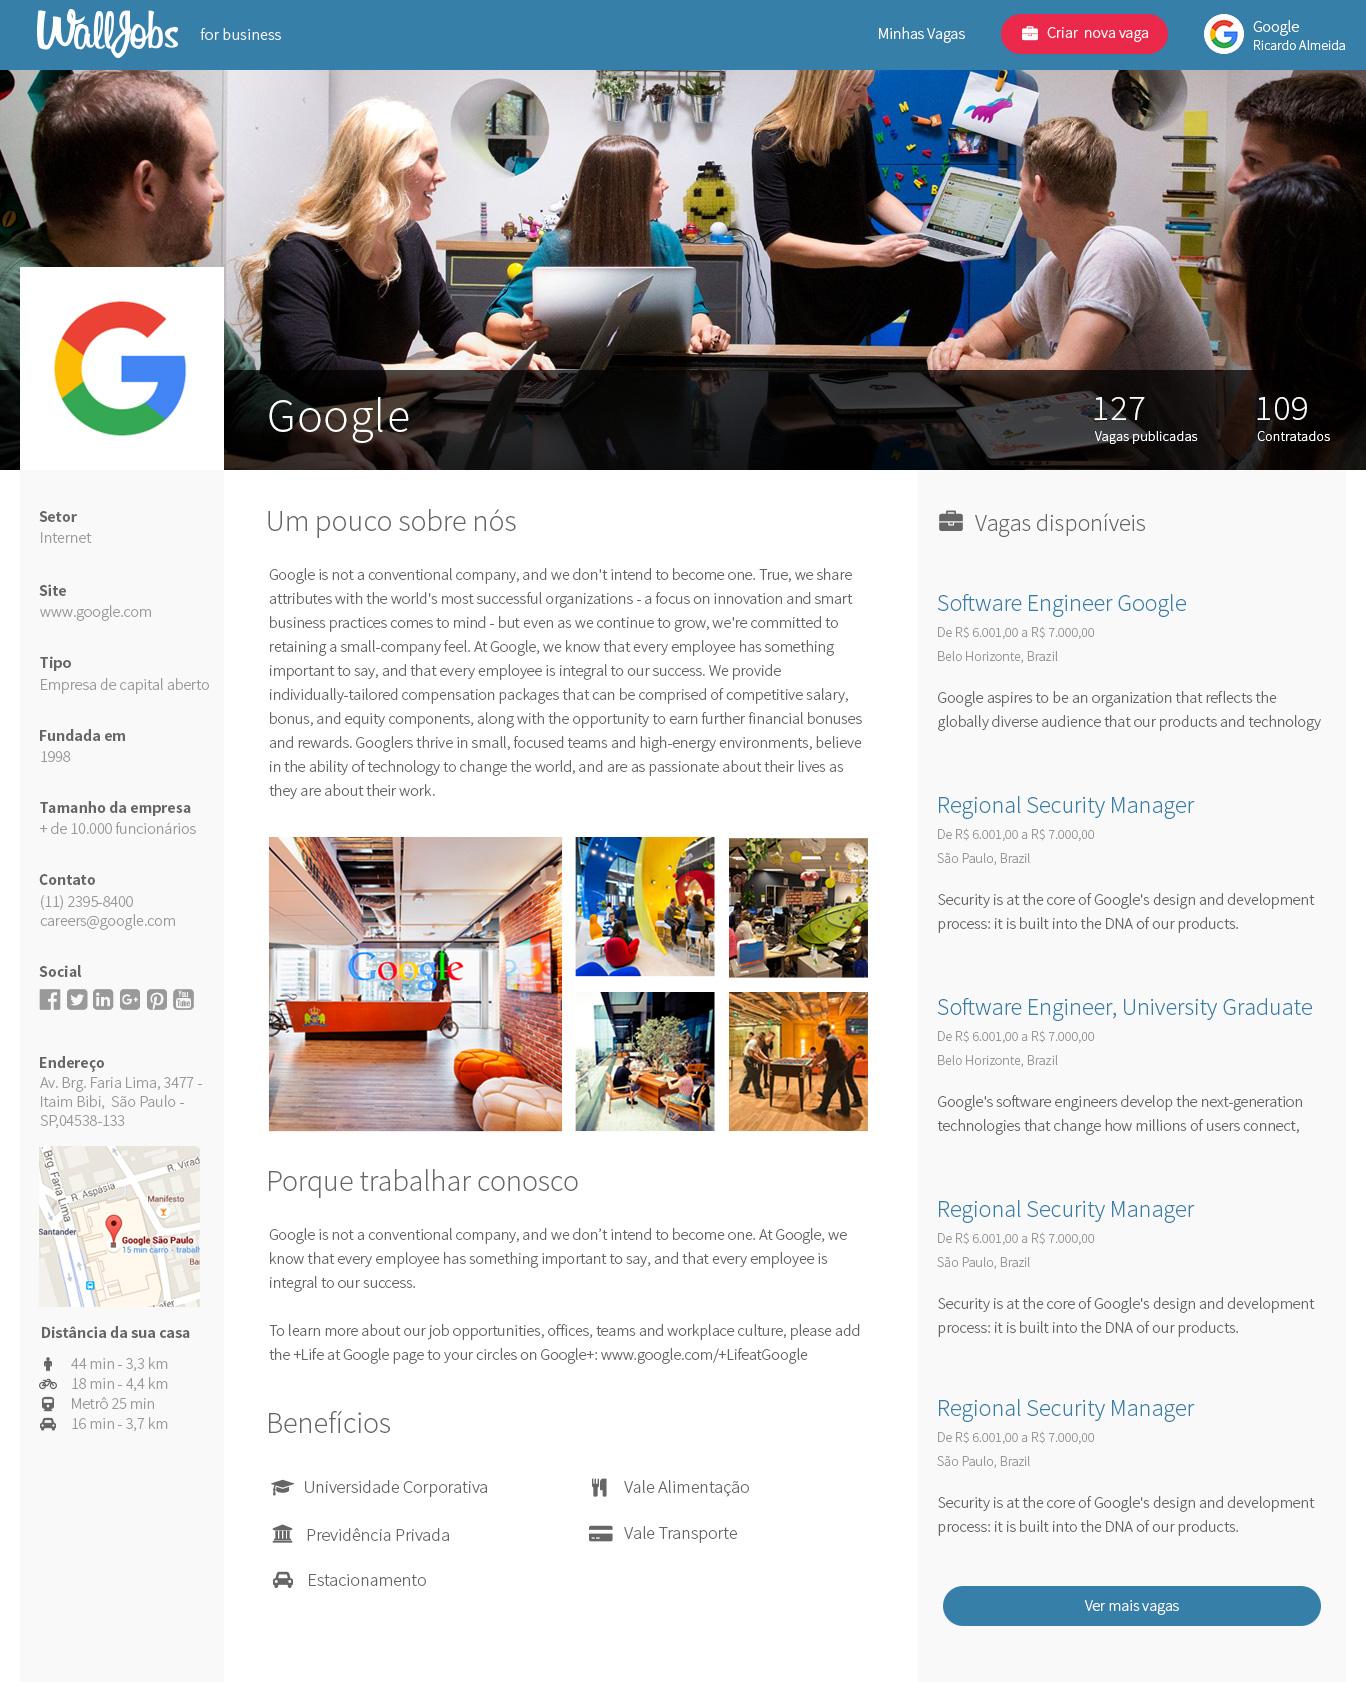 Exemplo de página de empresa na plataforma WallJobs